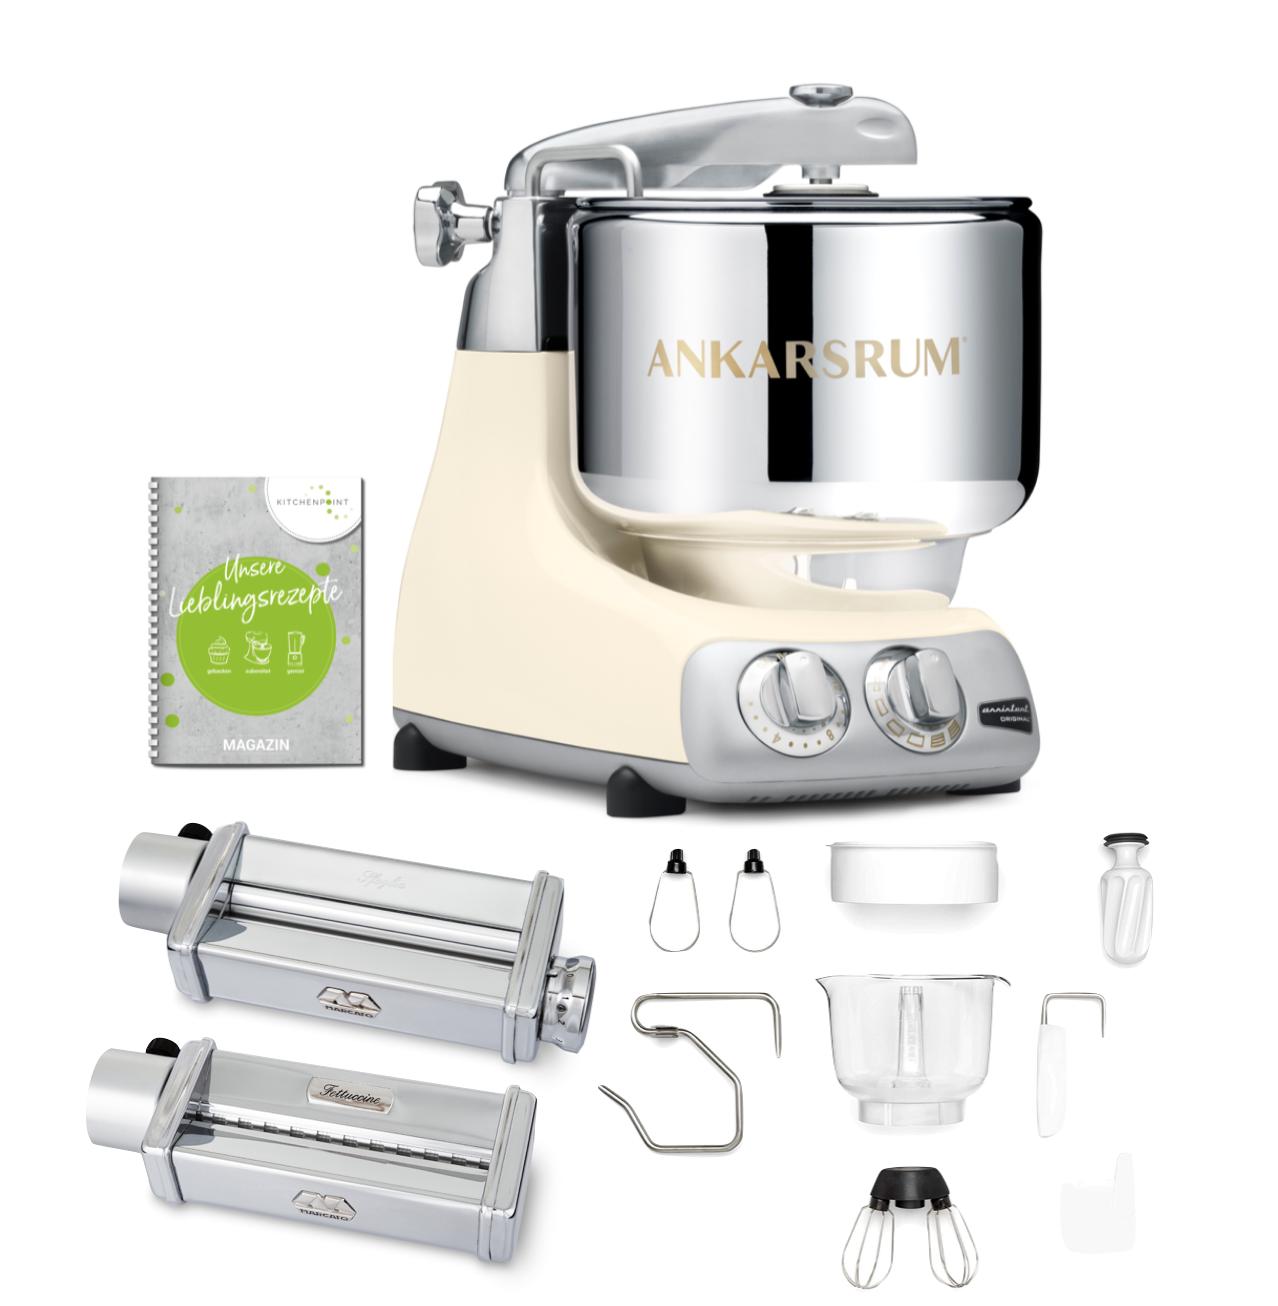 Ankarsrum Küchenmaschine Assistent Light Creme - Pasta Set